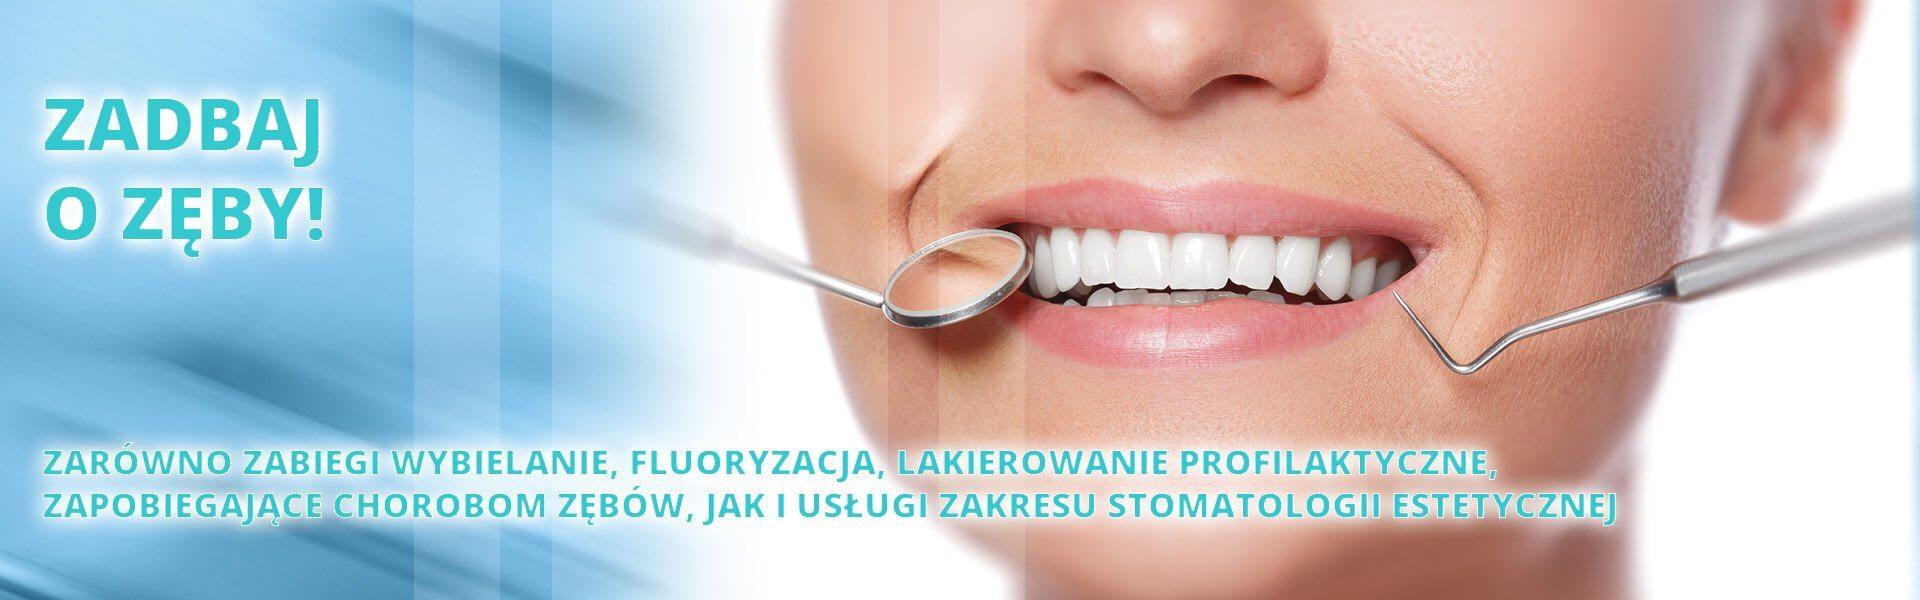 uśmiechająca się kobieta u stomatologa